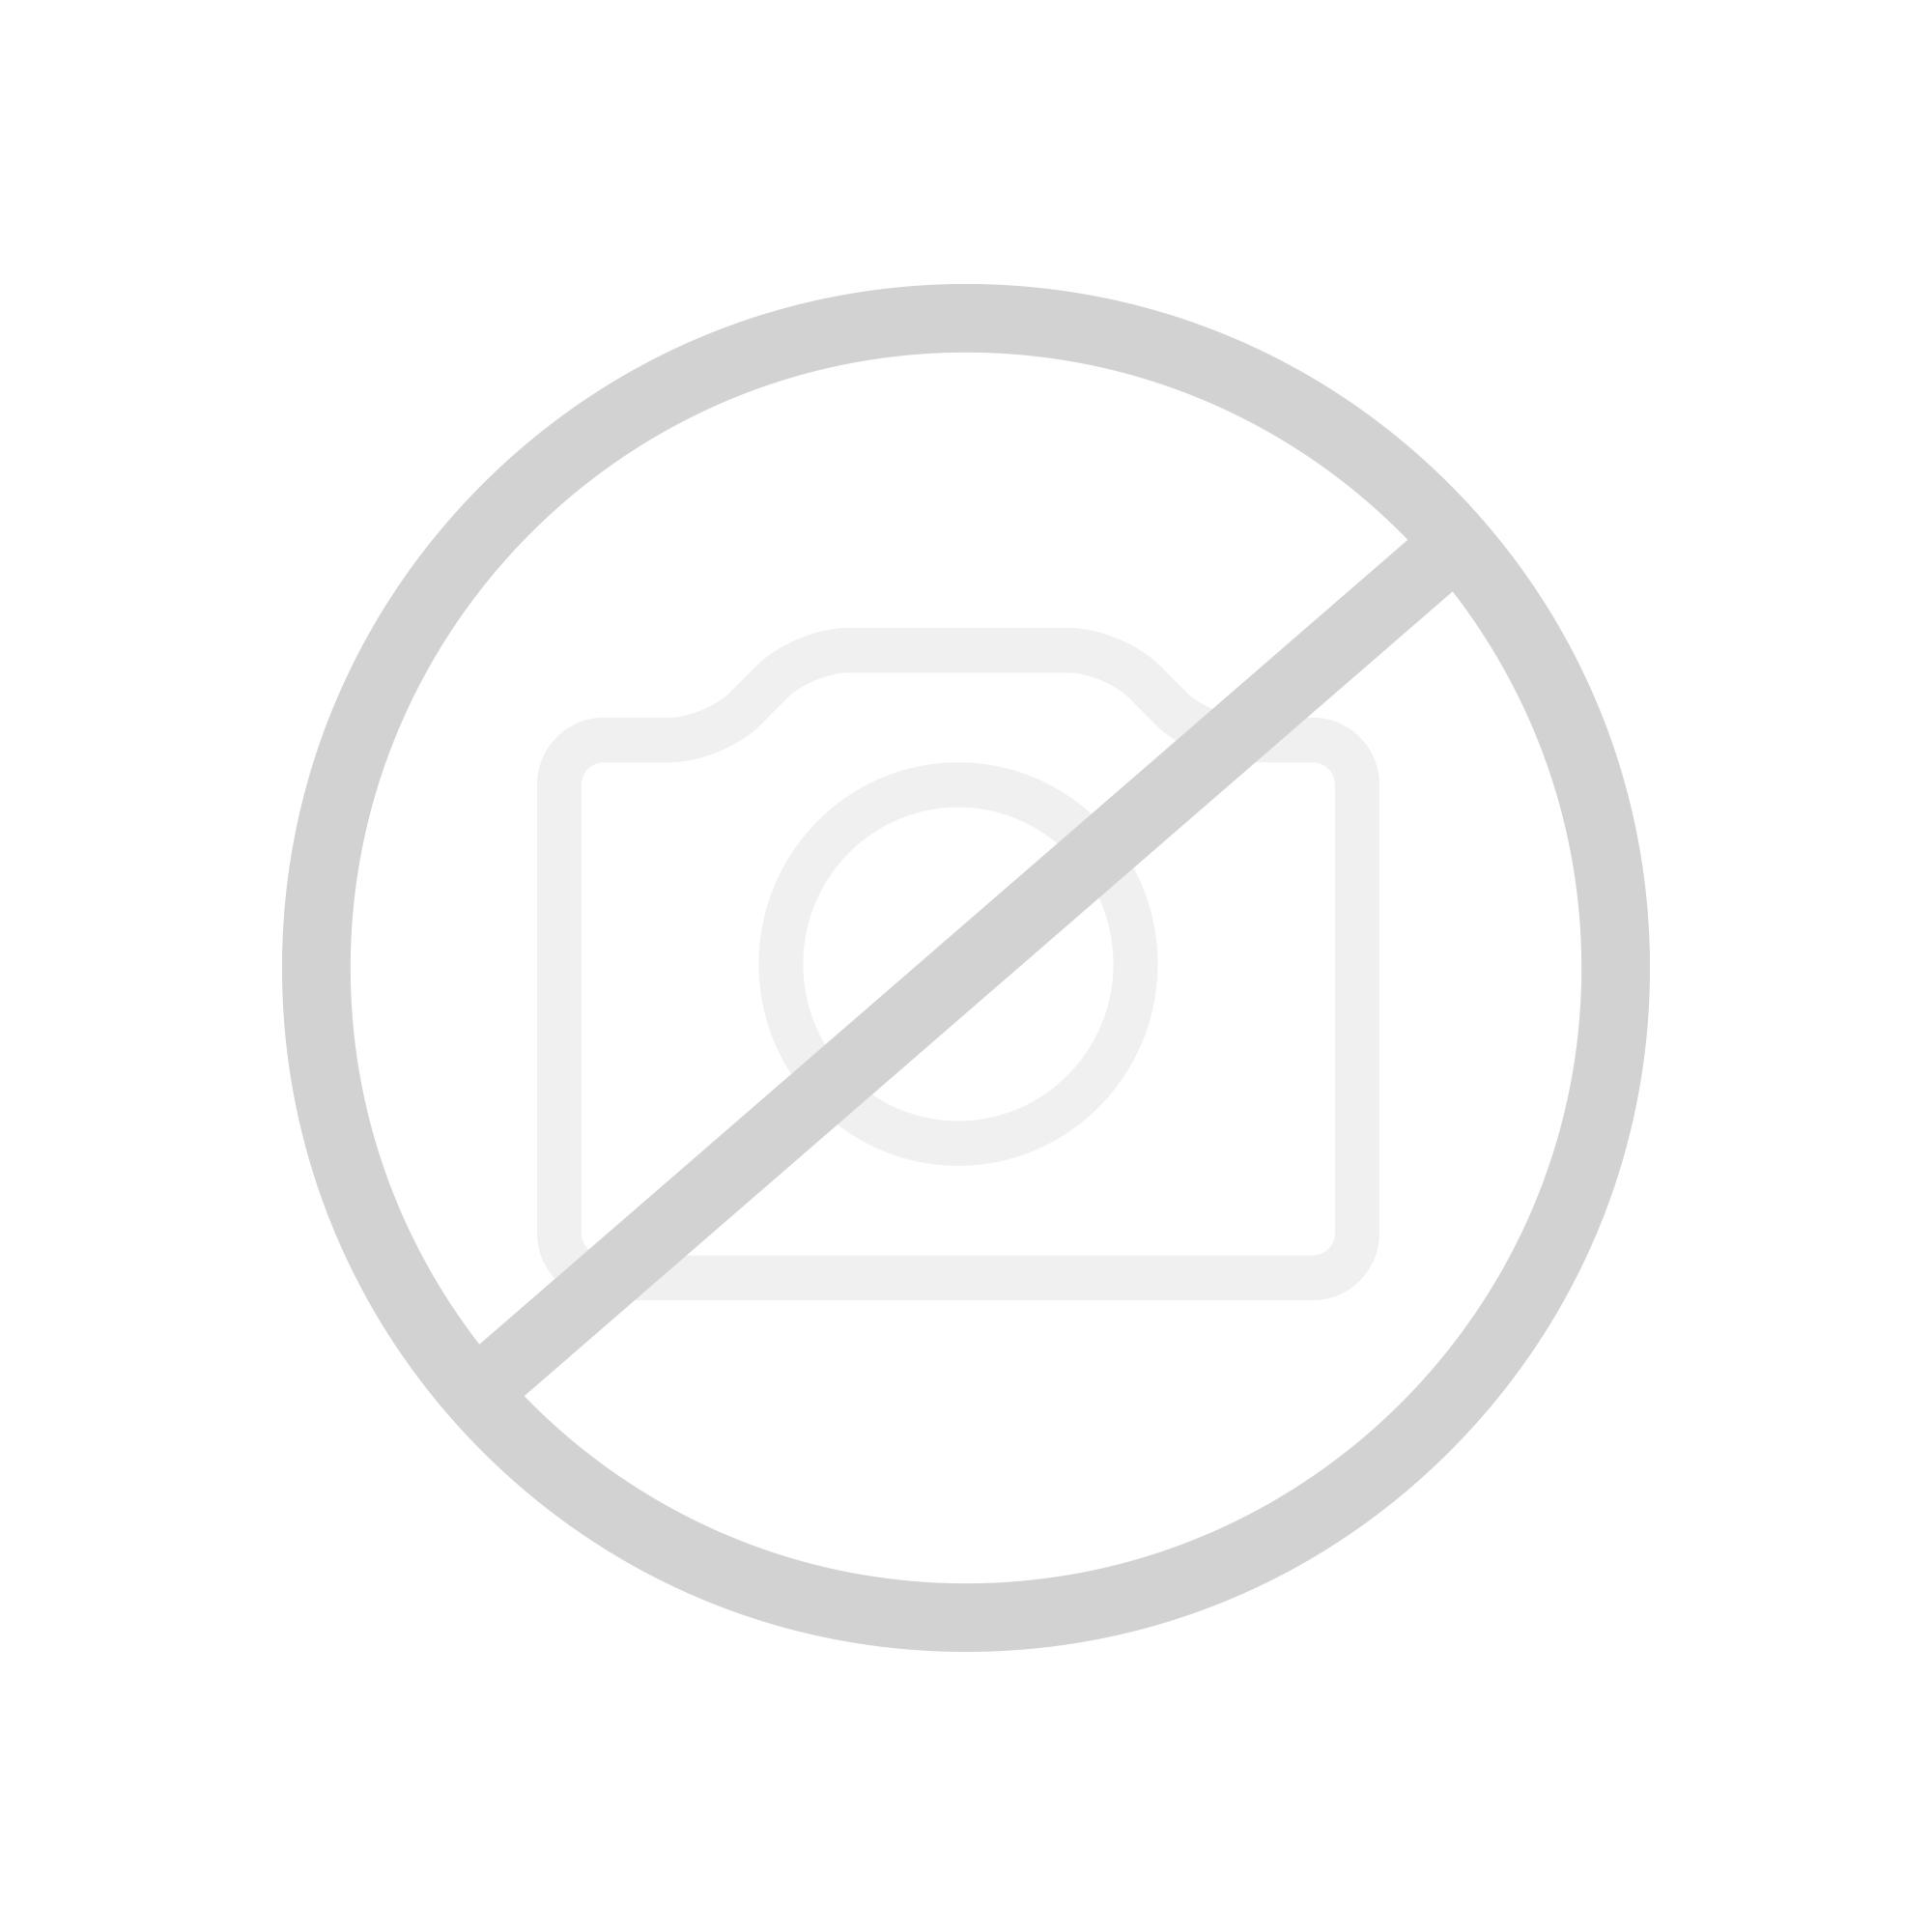 Bette Ablaufgarnitur, seitliche Entwässerung, 0,85 l/s, Komplett-Set chrom